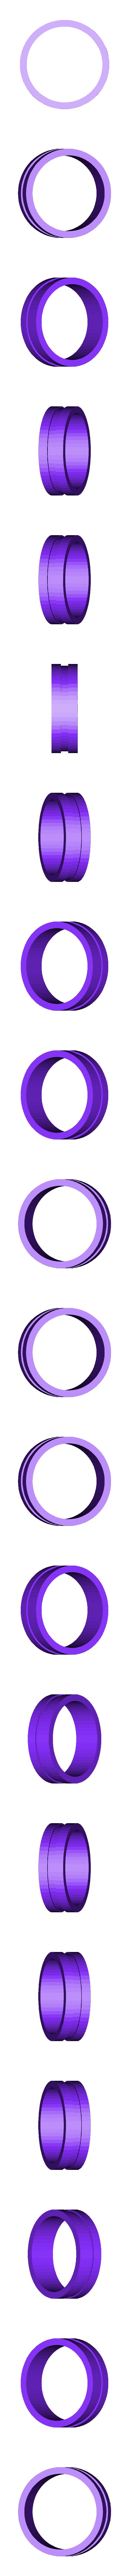 anillo 21 interior.stl Télécharger fichier STL gratuit Anillo / Ring • Objet imprimable en 3D, amg3D